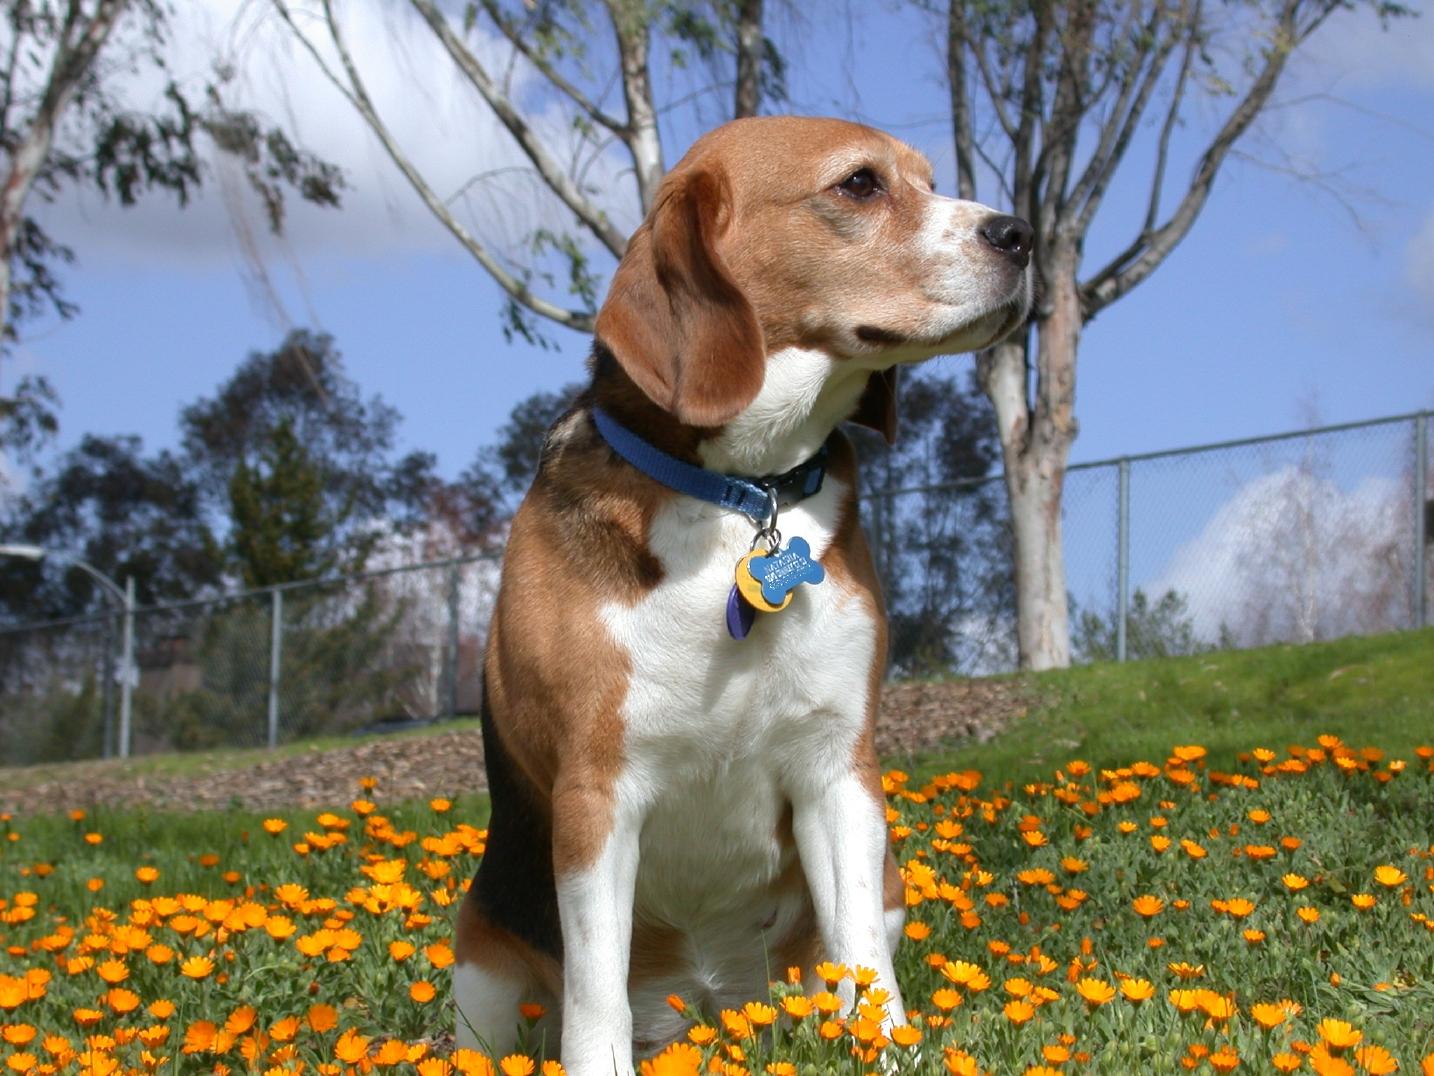 http://4.bp.blogspot.com/-t00TuTIm-OQ/TxQsrbpVOGI/AAAAAAAAAa0/_ynCWxVstqA/s1600/beagle+in+--flowers.jpg